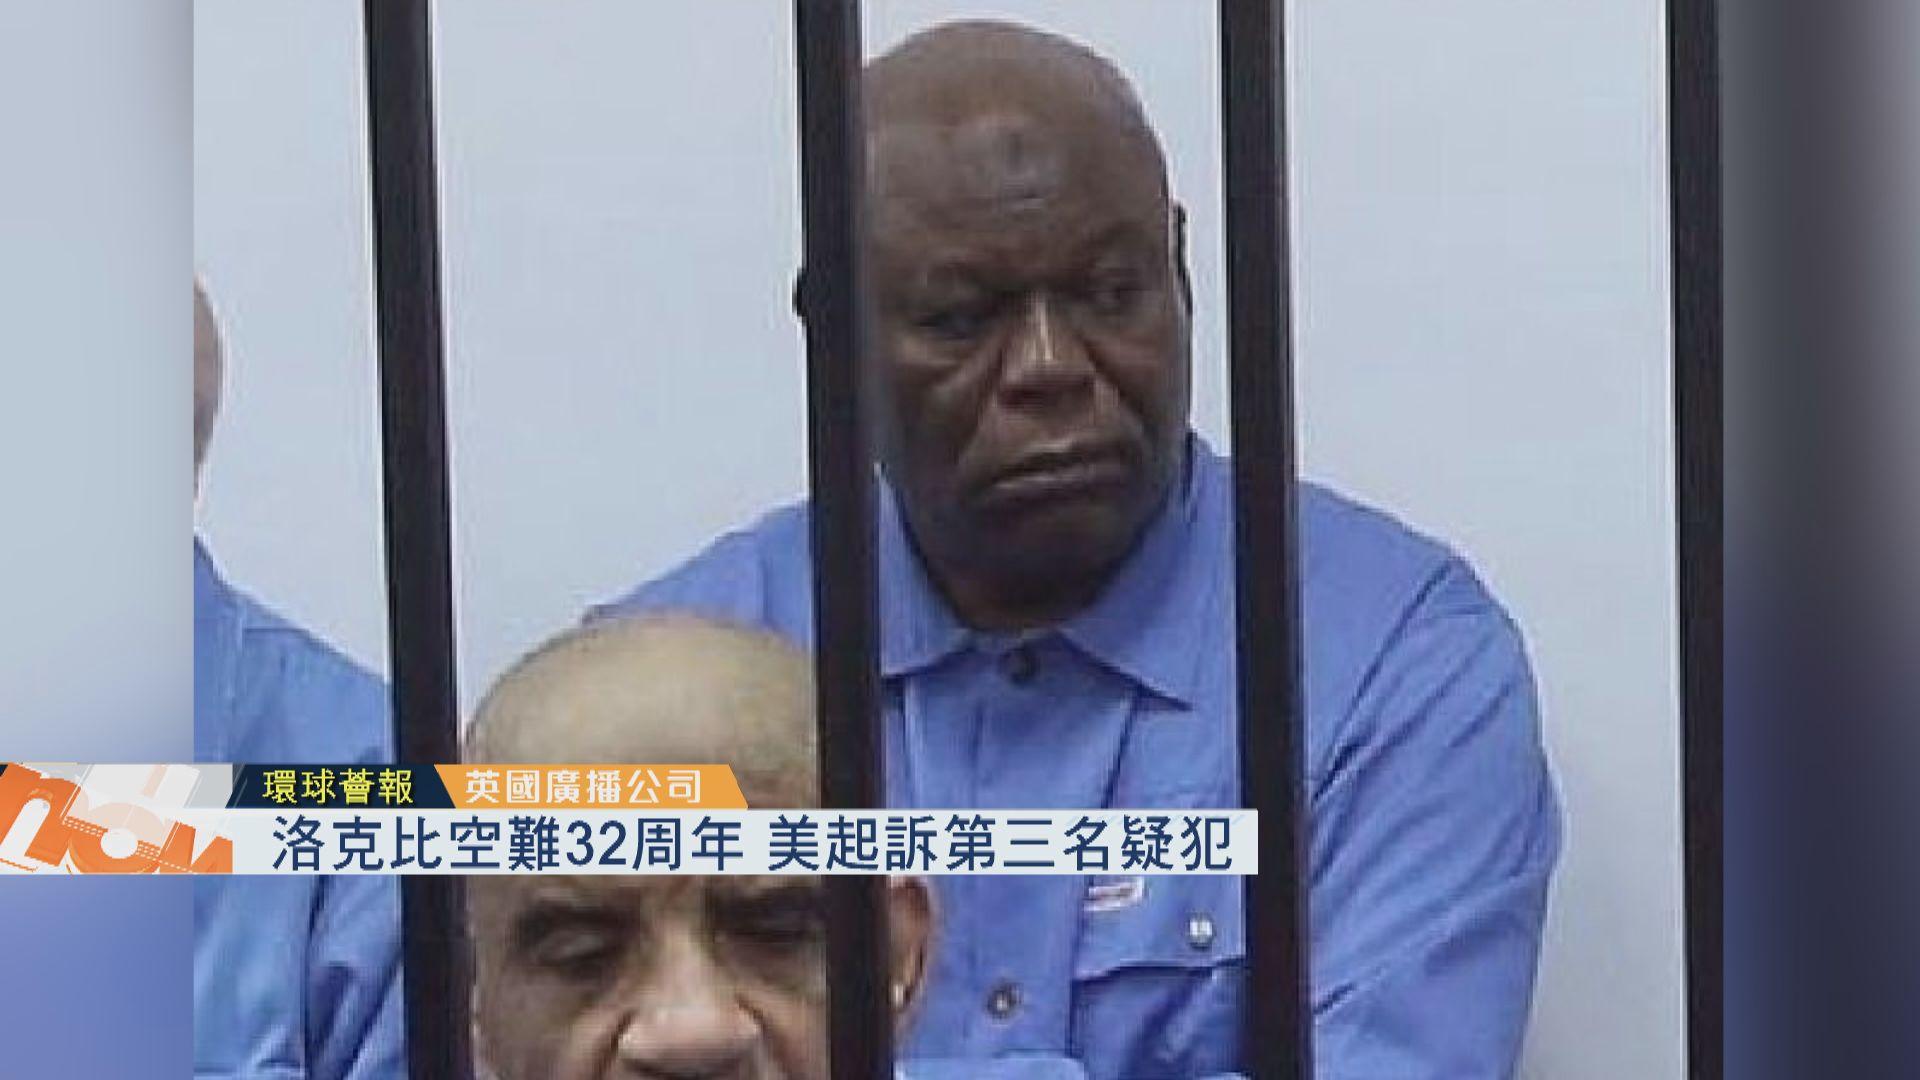 【環球薈報】洛克比空難32周年 美起訴第三名疑犯